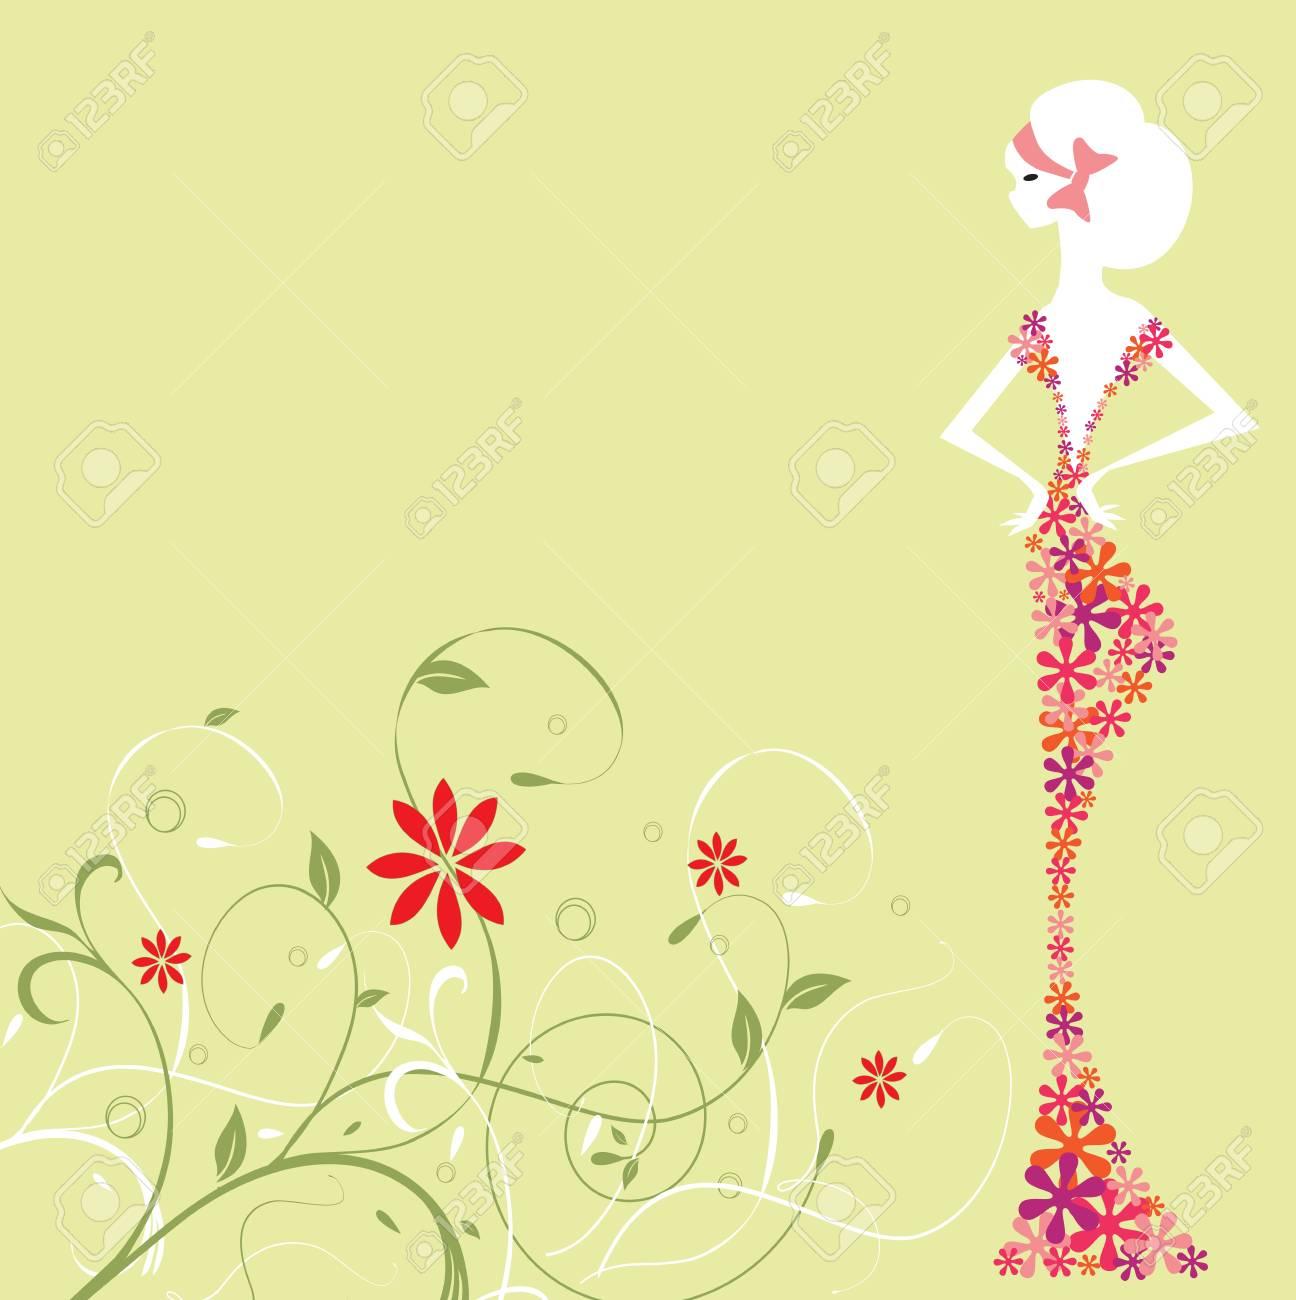 Tarjeta De Invitación Vintage Con Elegante Diseño Floral Abstracto Retro Mujer En Vestido De Flores En Verde